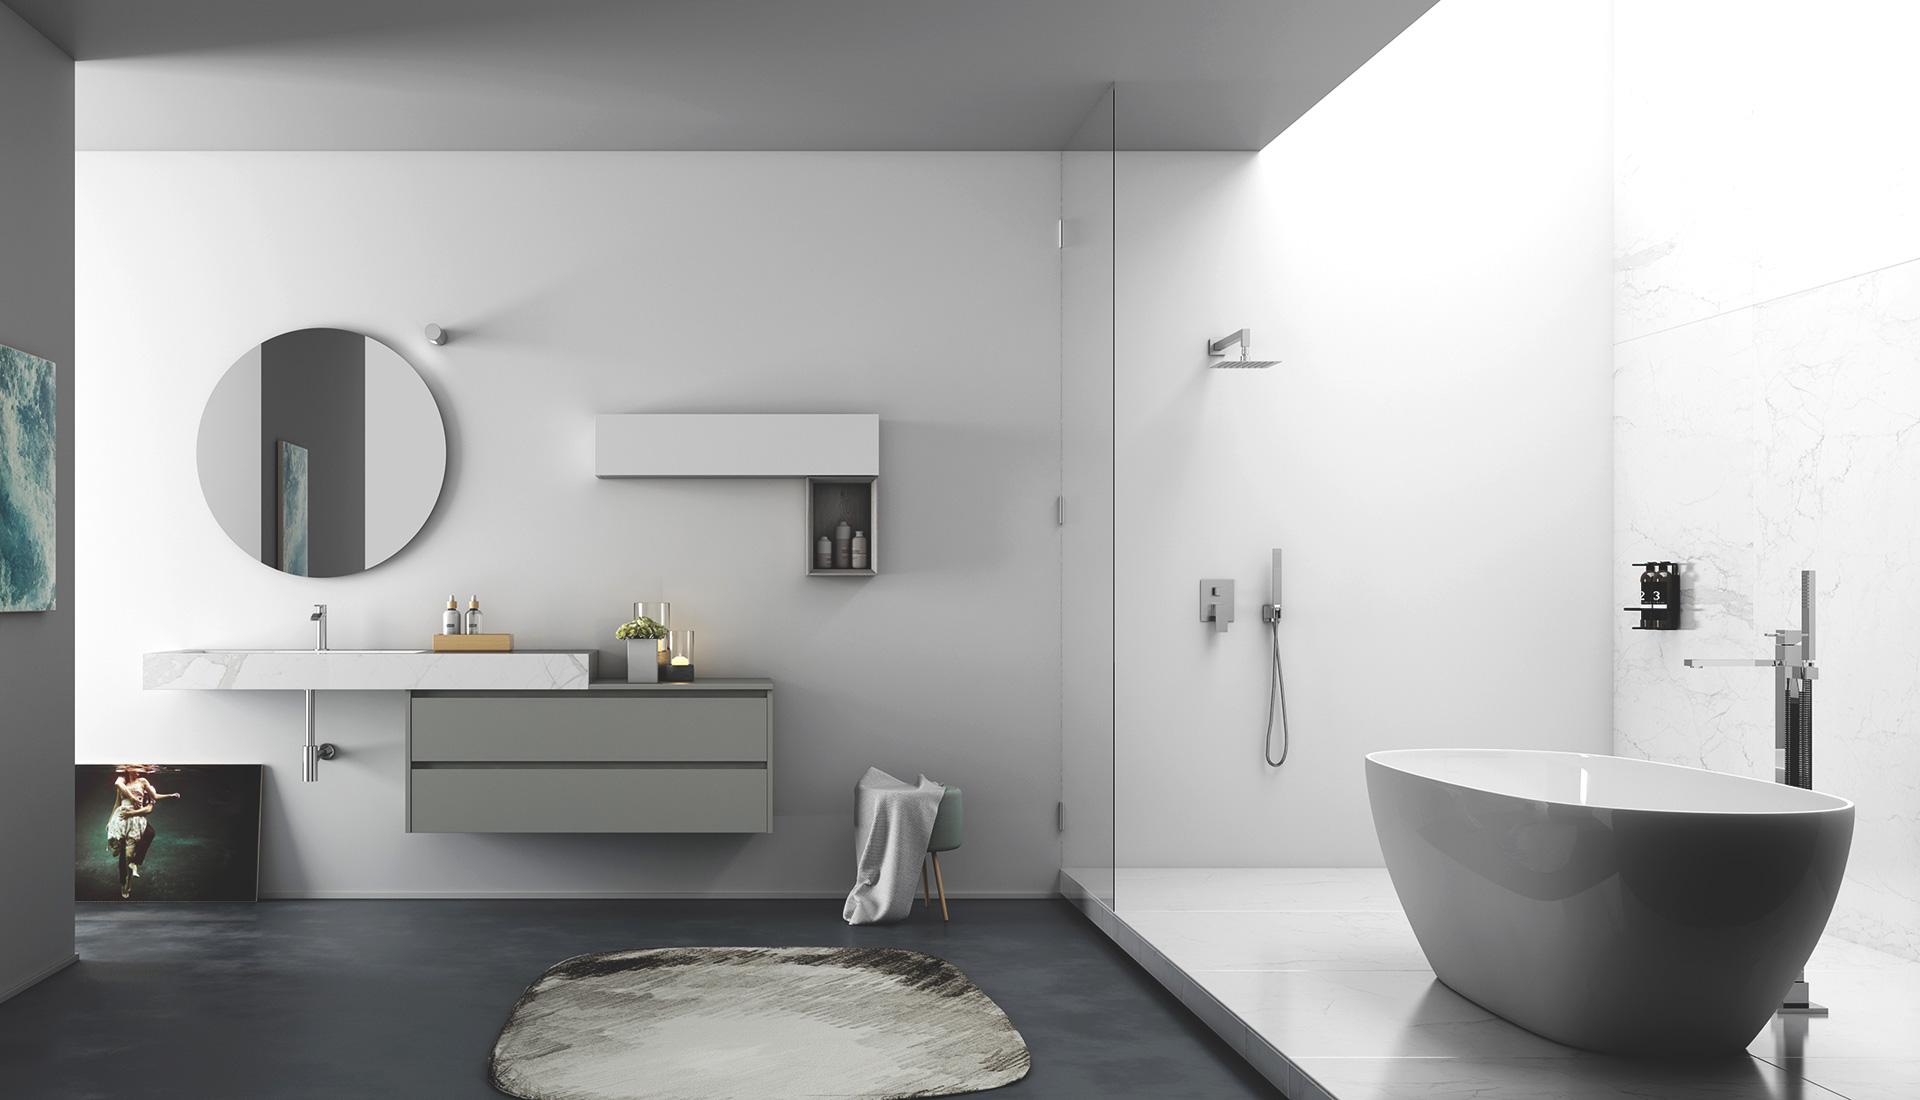 offerte bagni moderni ~ Comarg.com = Lussuoso Design del Bagno con ...